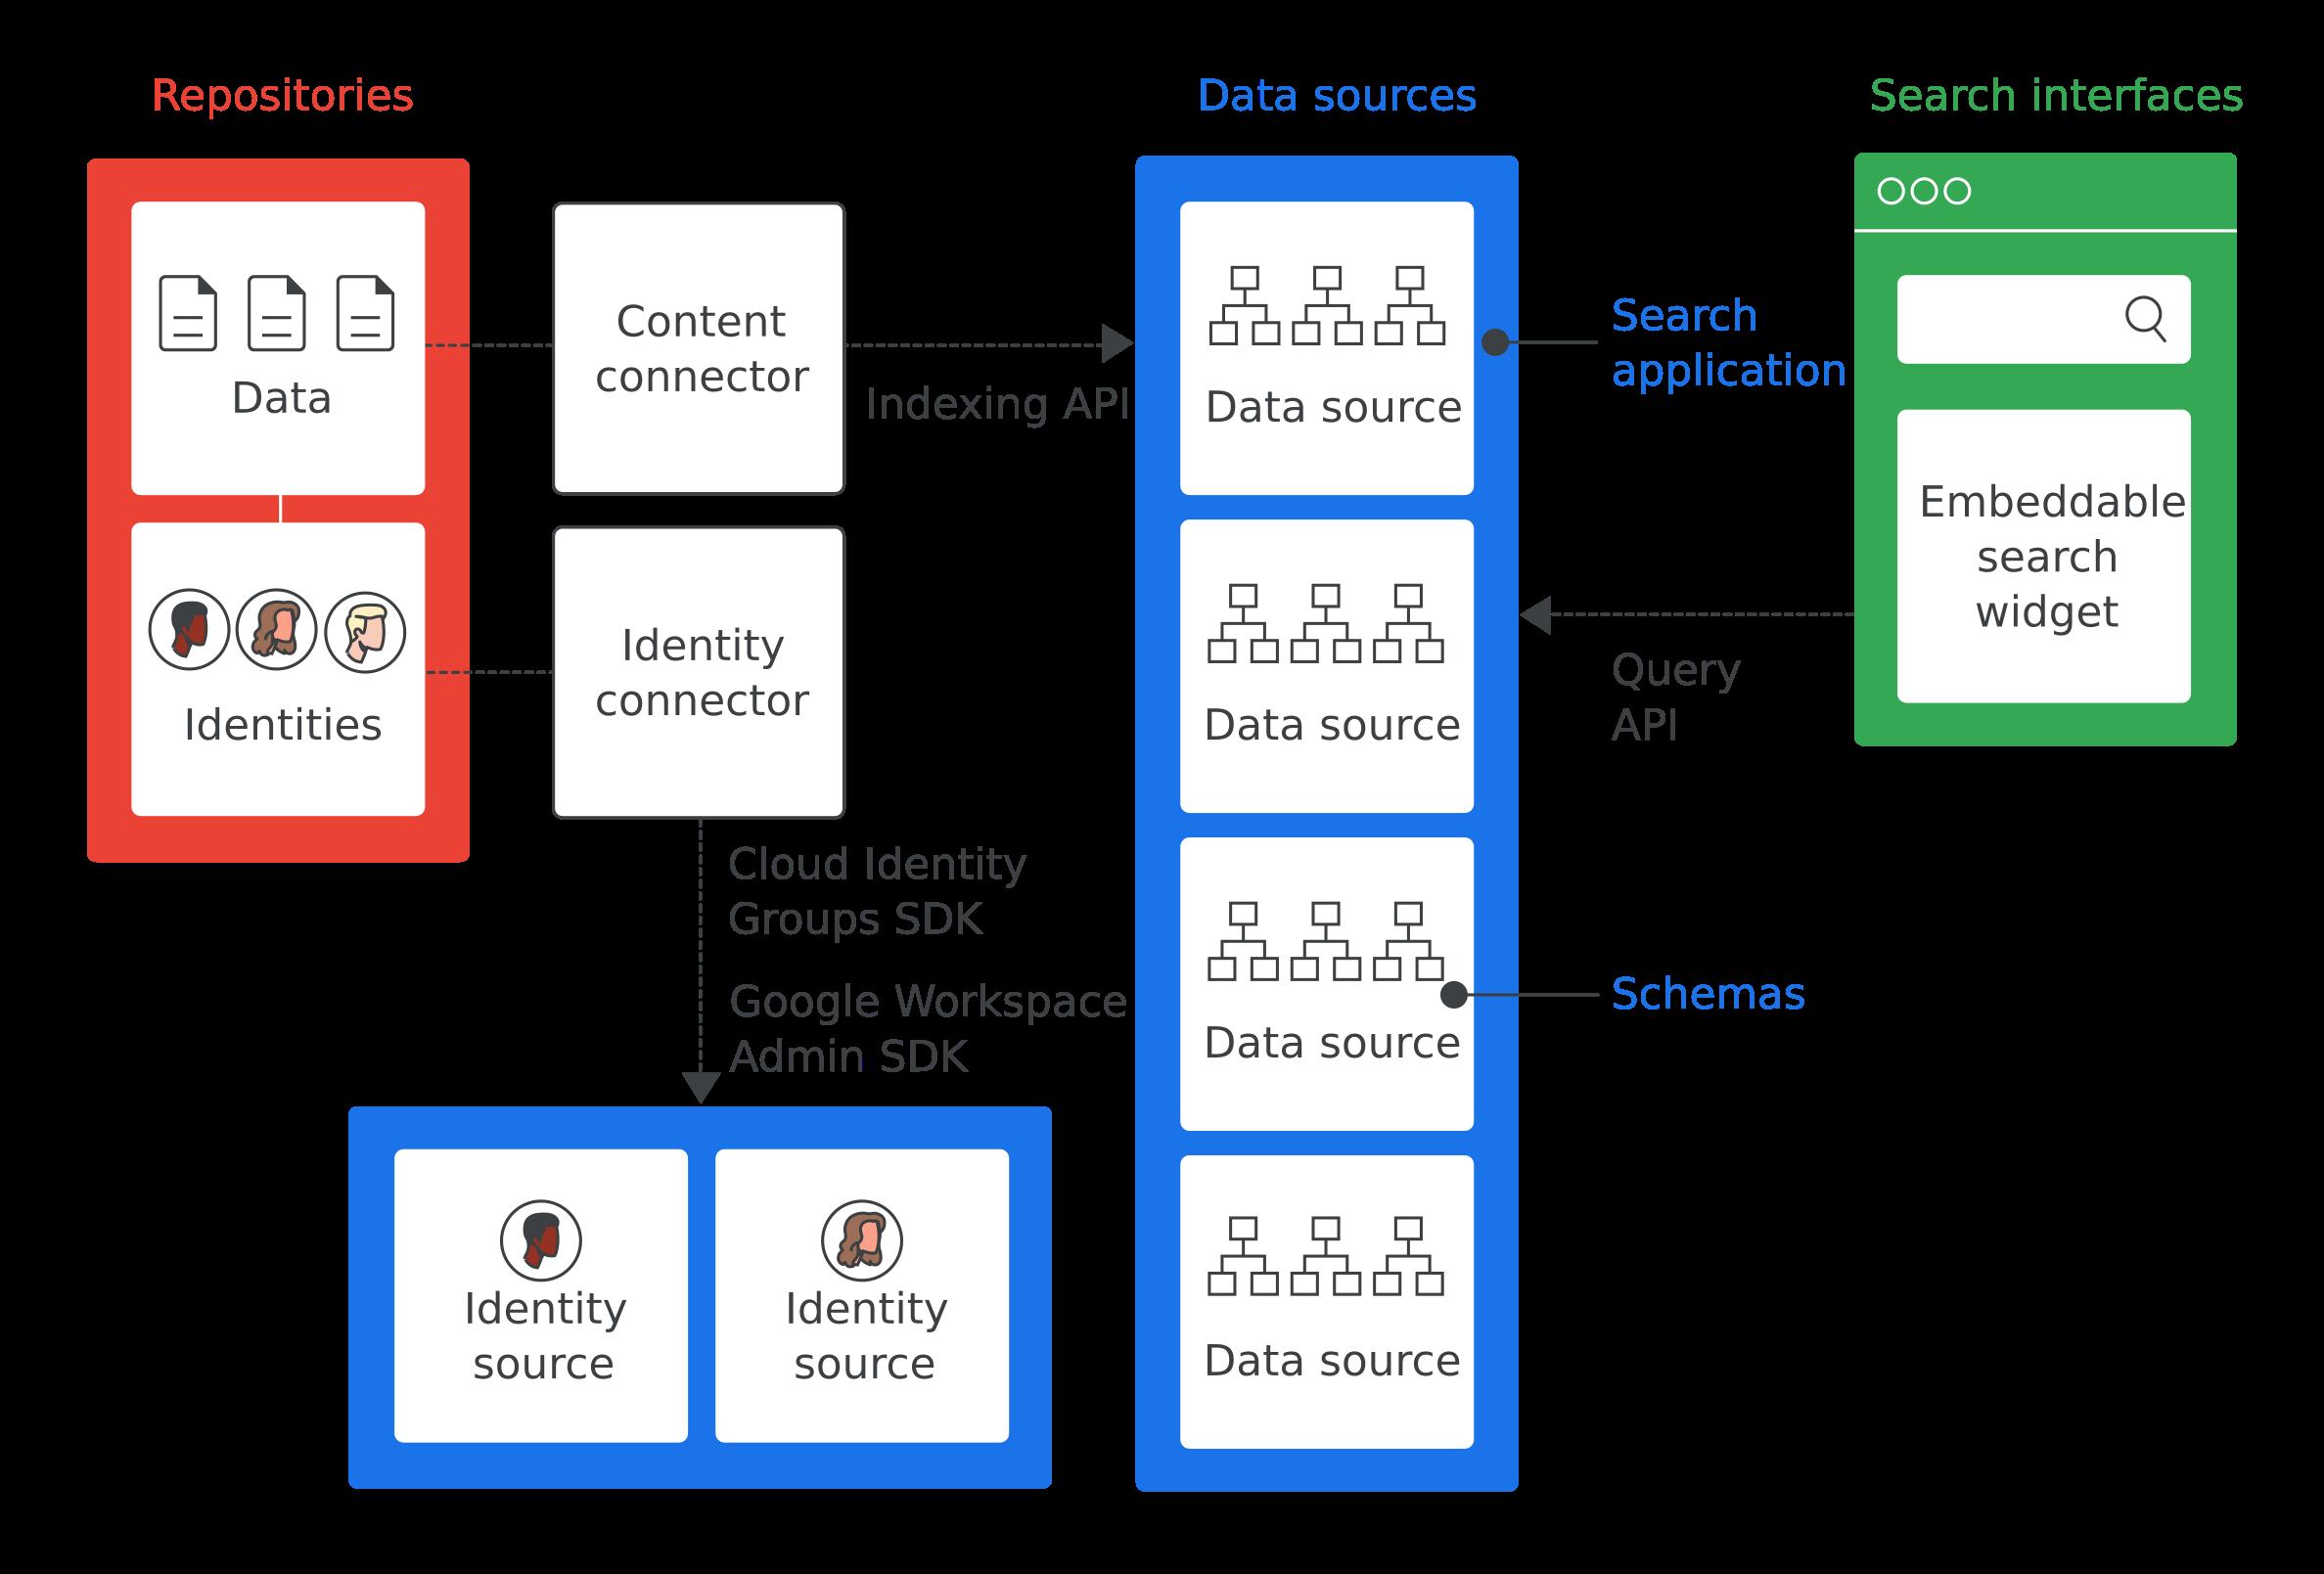 Descripción general de la arquitectura de GoogleCloudSearch